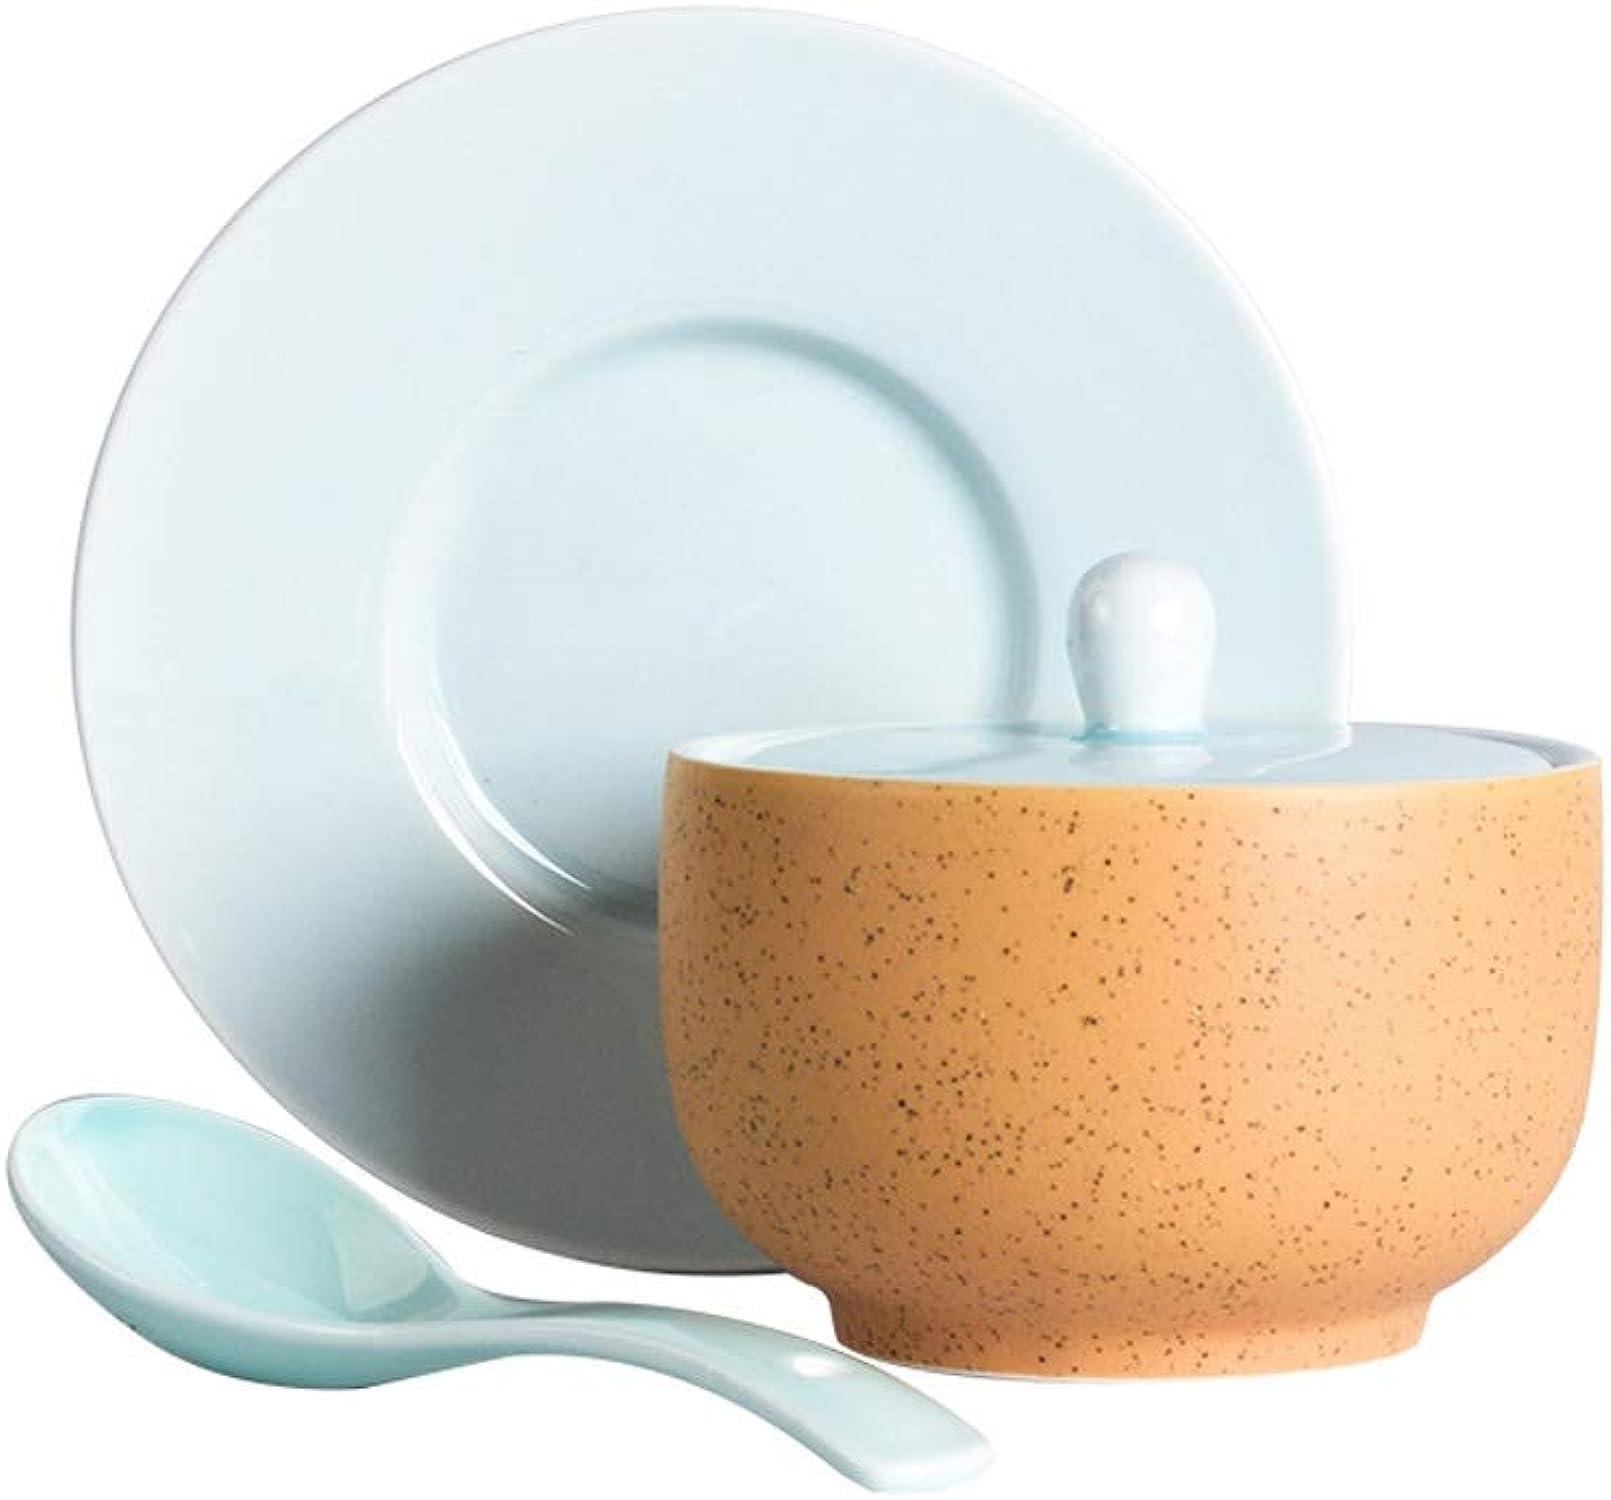 Marceooselm Creative Scrub Ceramic Stew Soup Soup Steamed Egg Bird's Nest Bowl Soup Bowl Bowl con Tapa, Adecuado para Familias